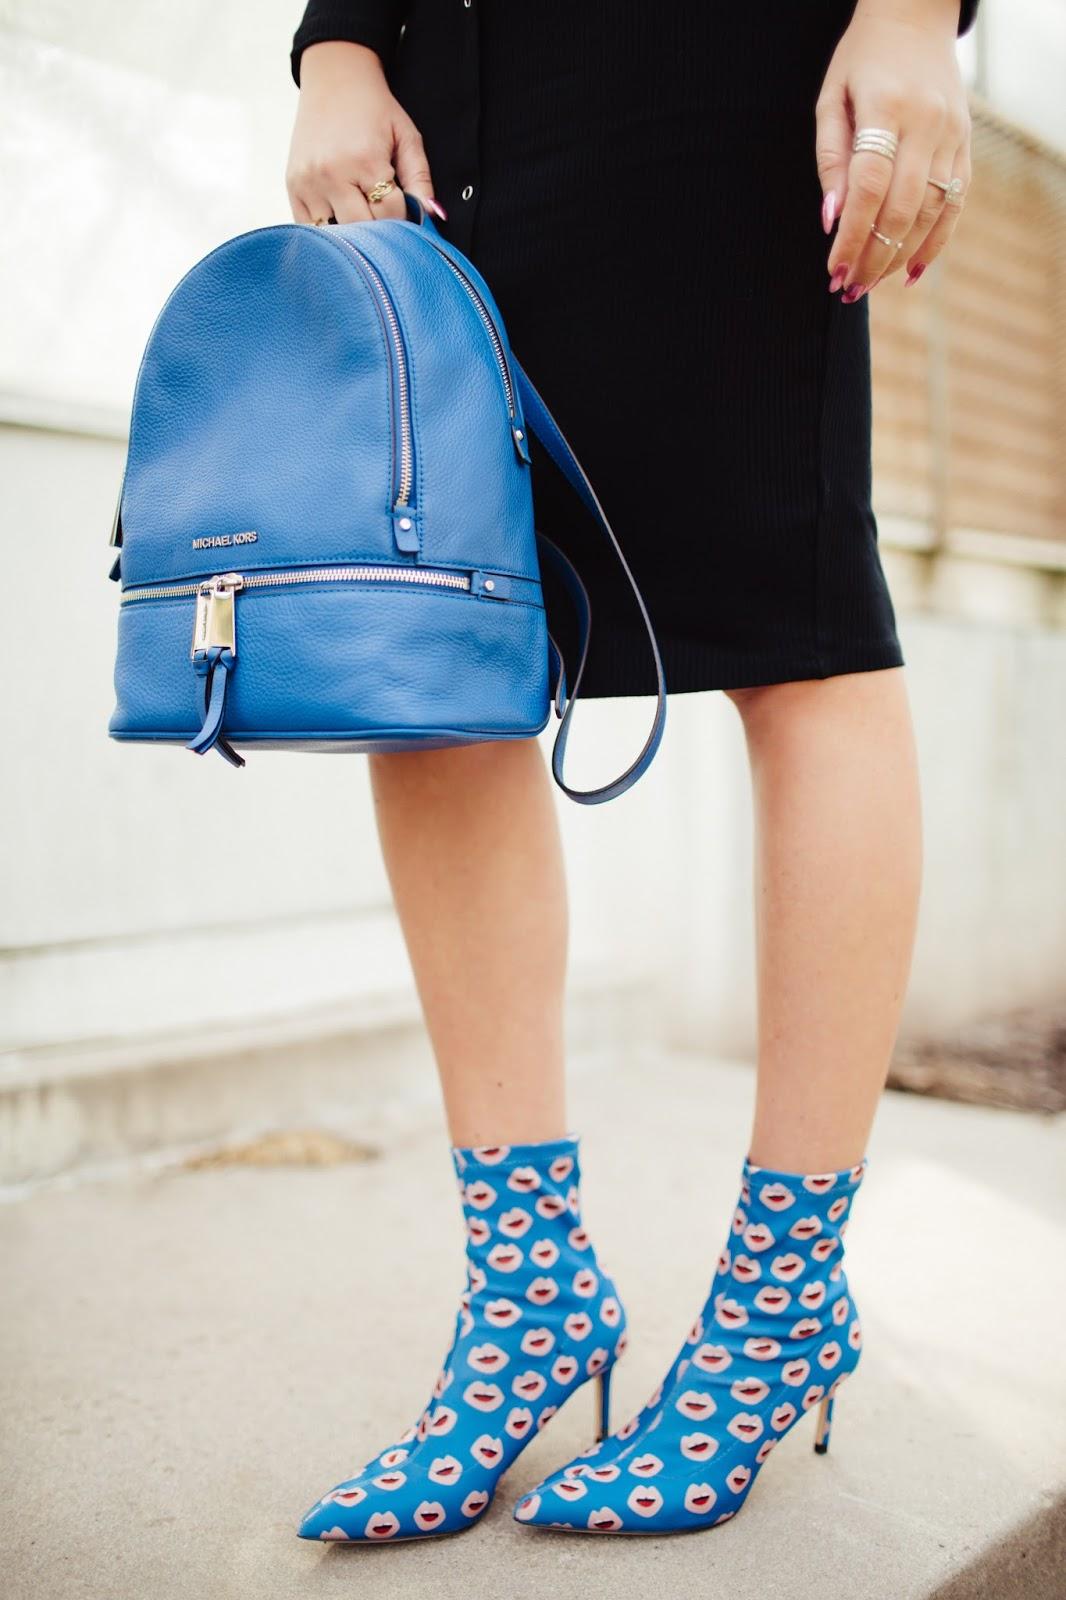 Blue Accessories, Lip Print, LipSense